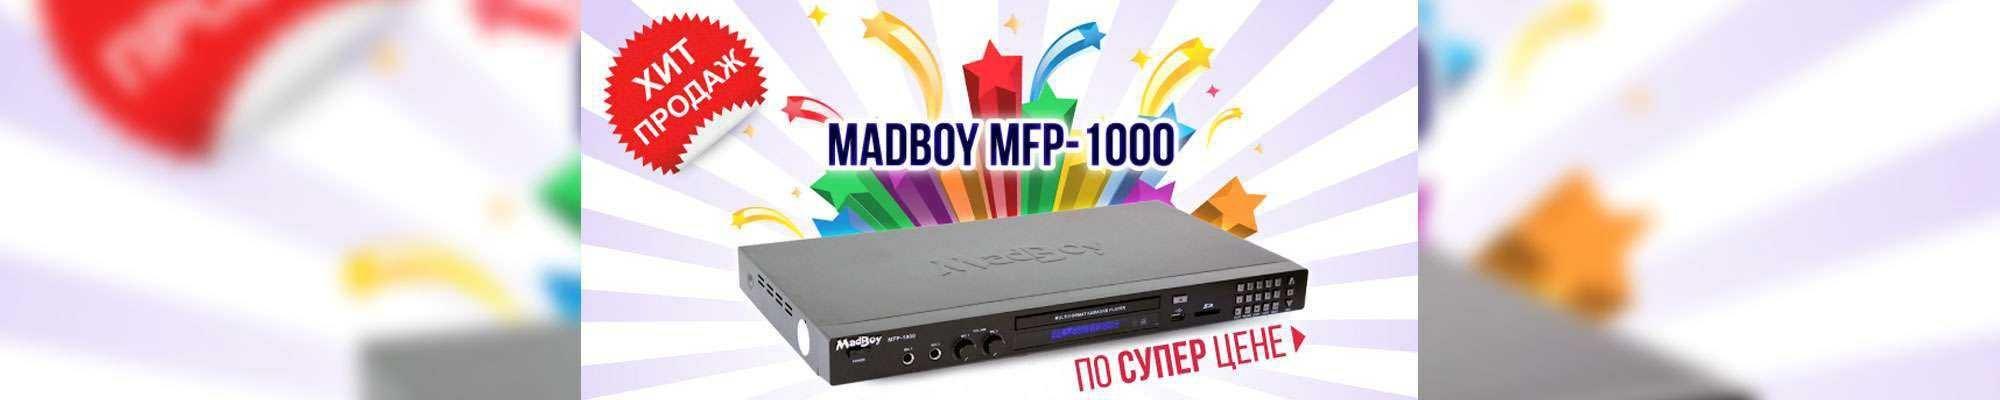 banner mfp-1000